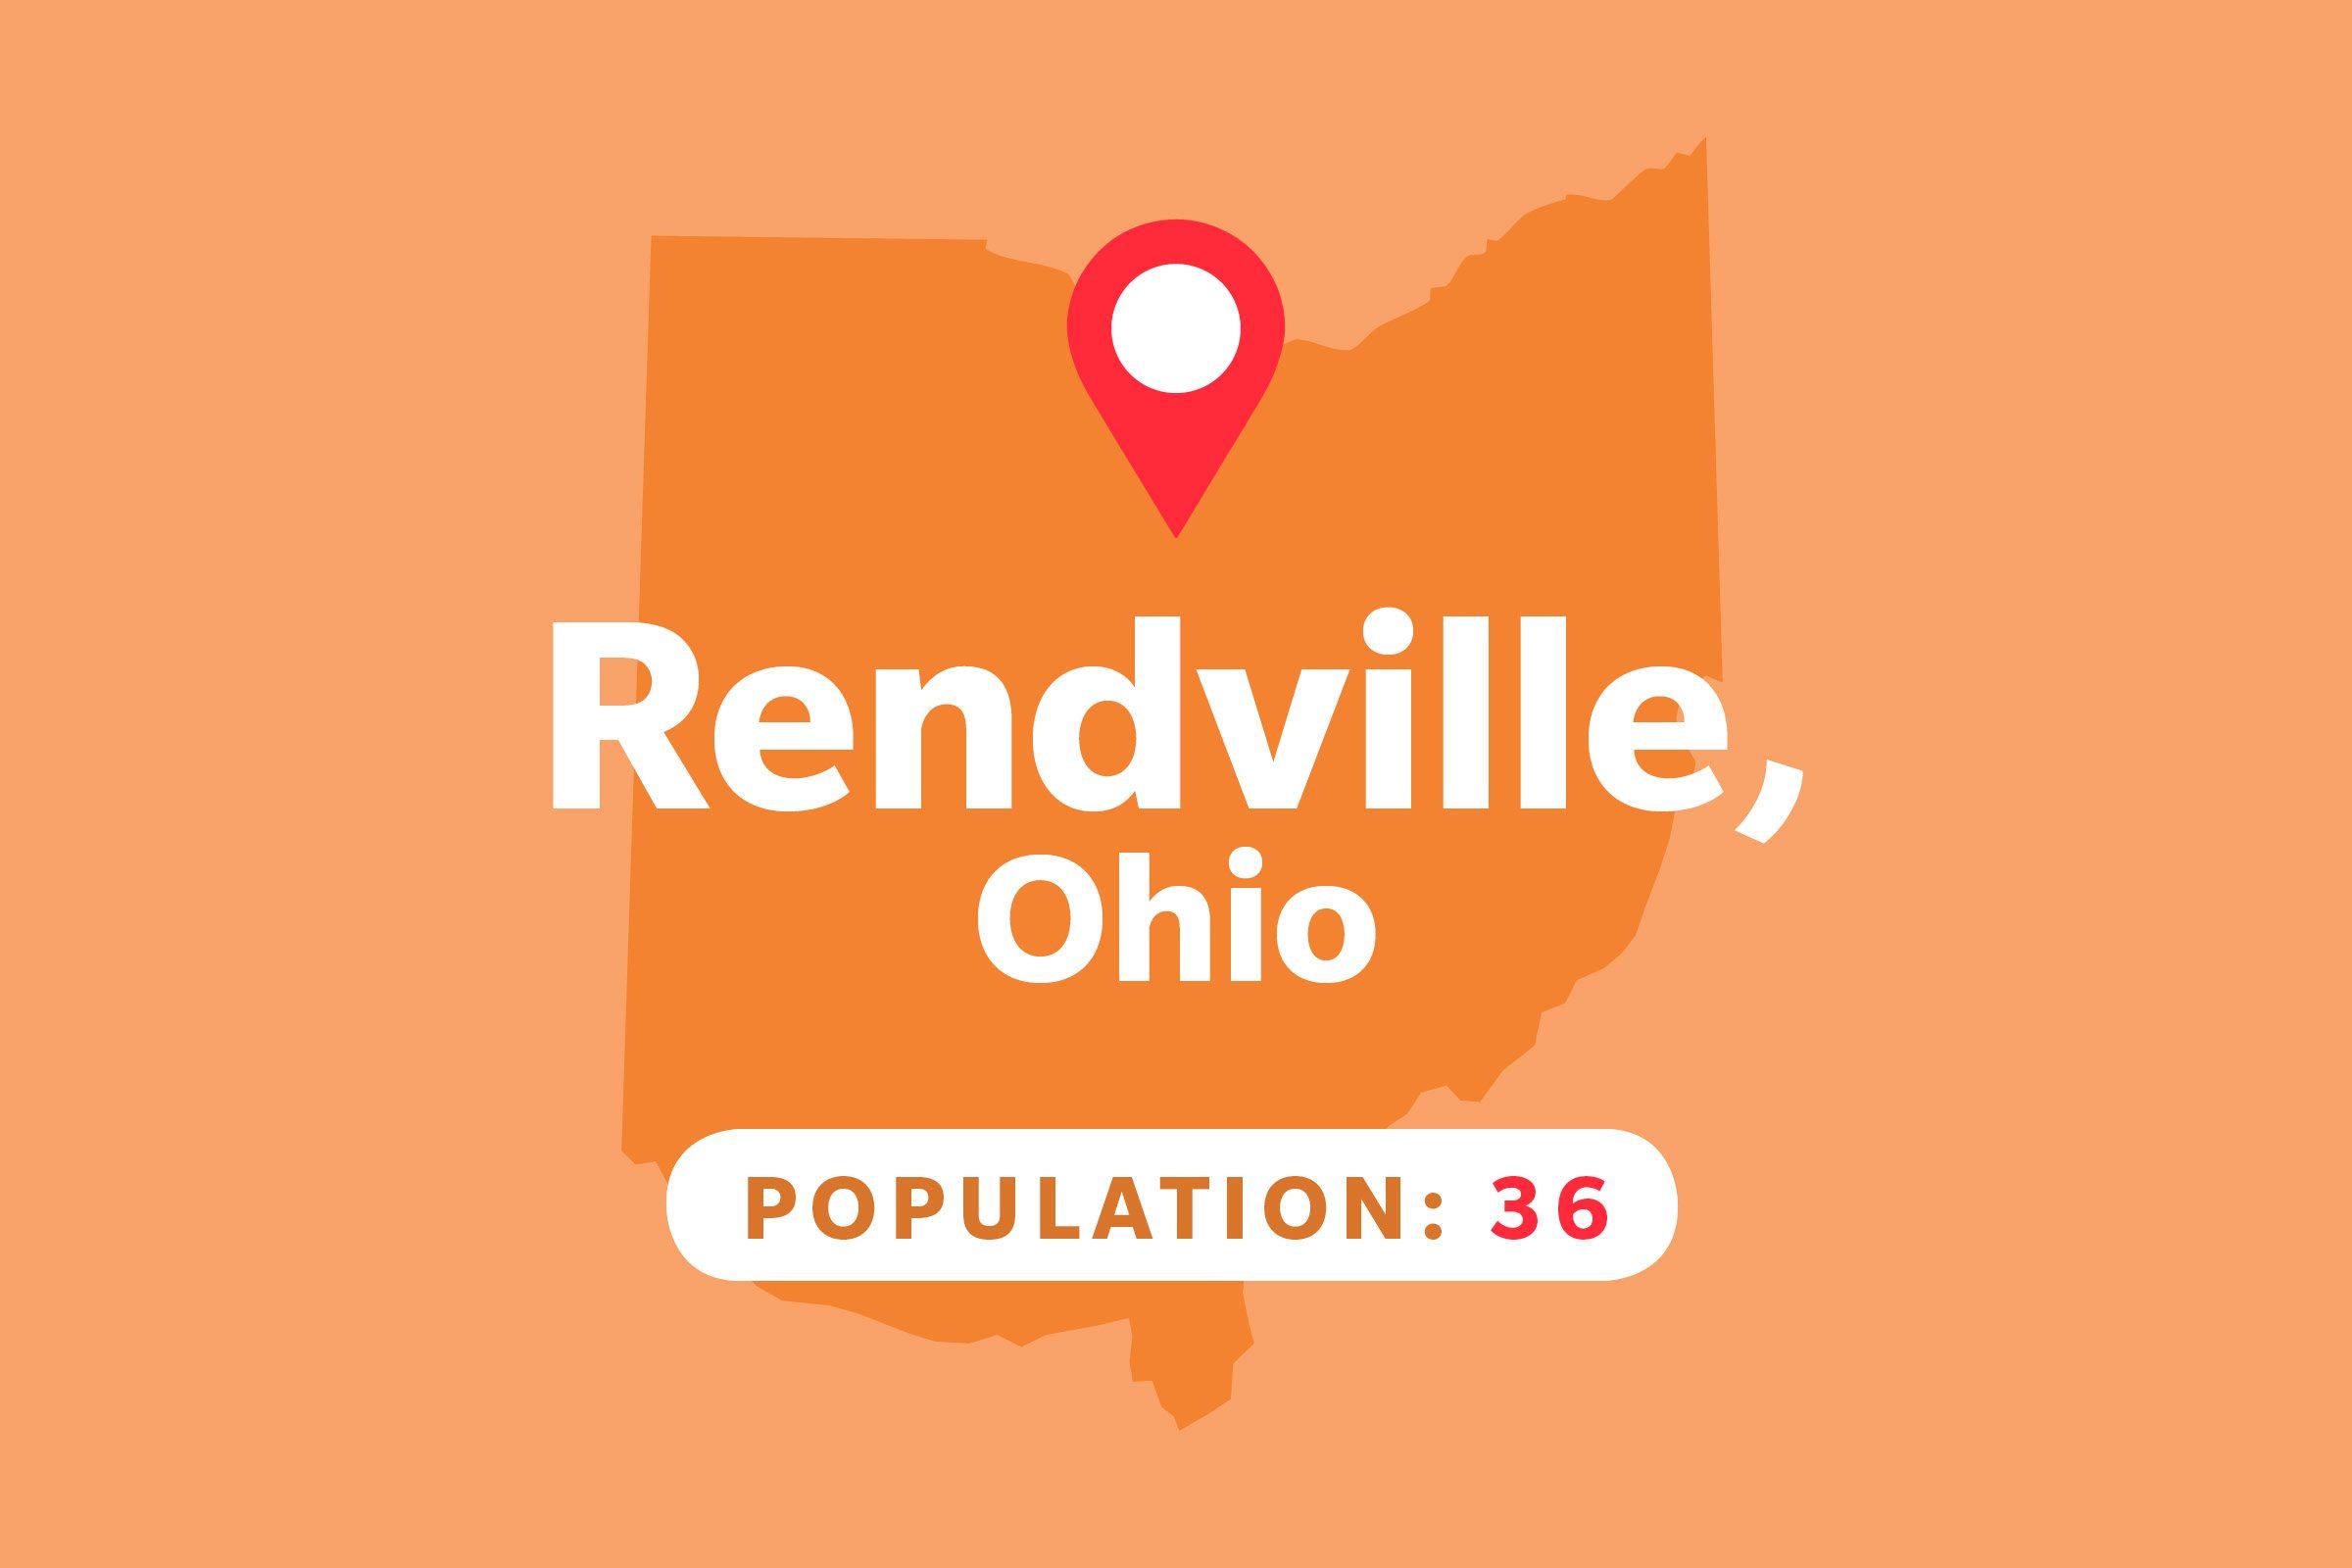 Rendville, Ohio